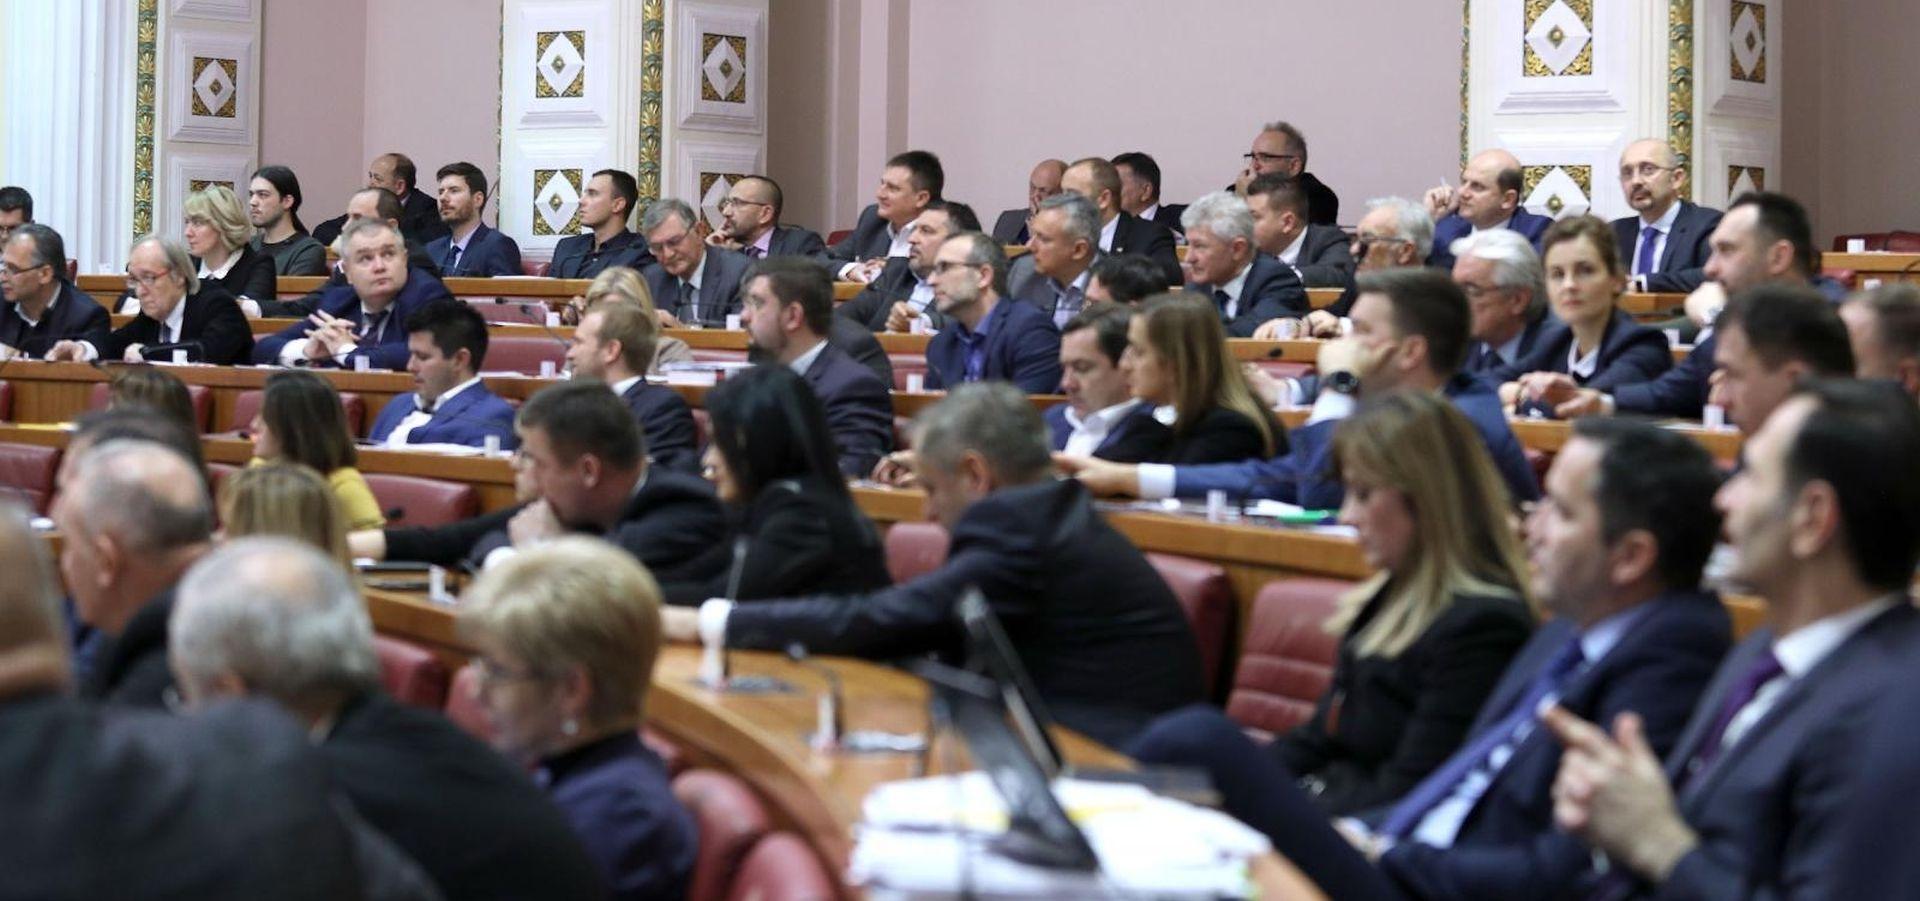 Zastupnici prije ustavne stanke raspravljaju o minimalcu i udžbenicima